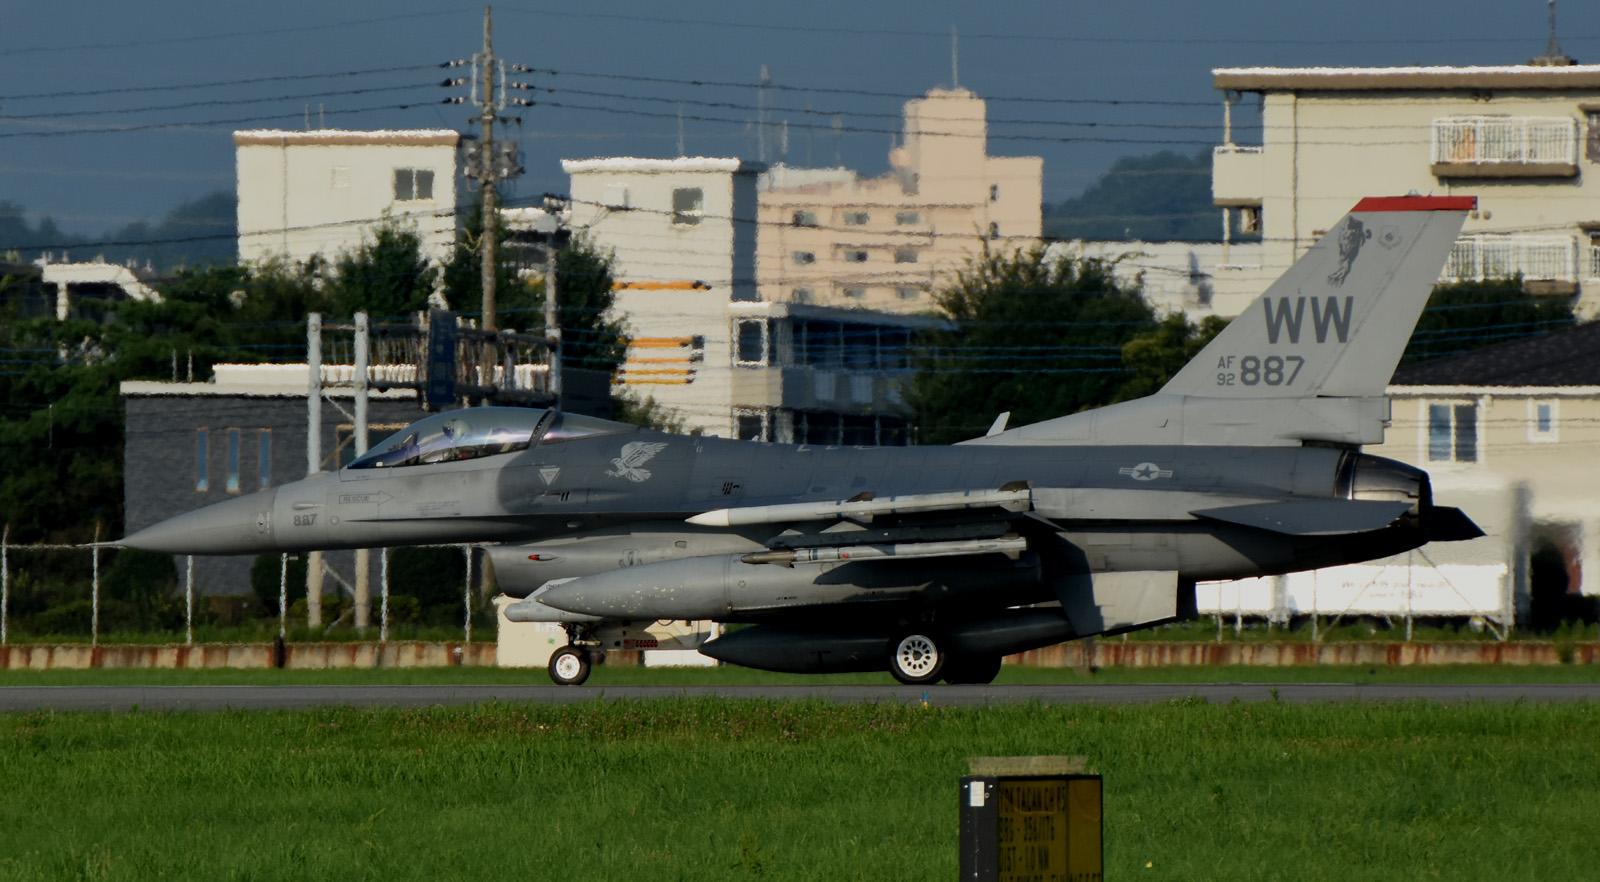 F16cm160805g797